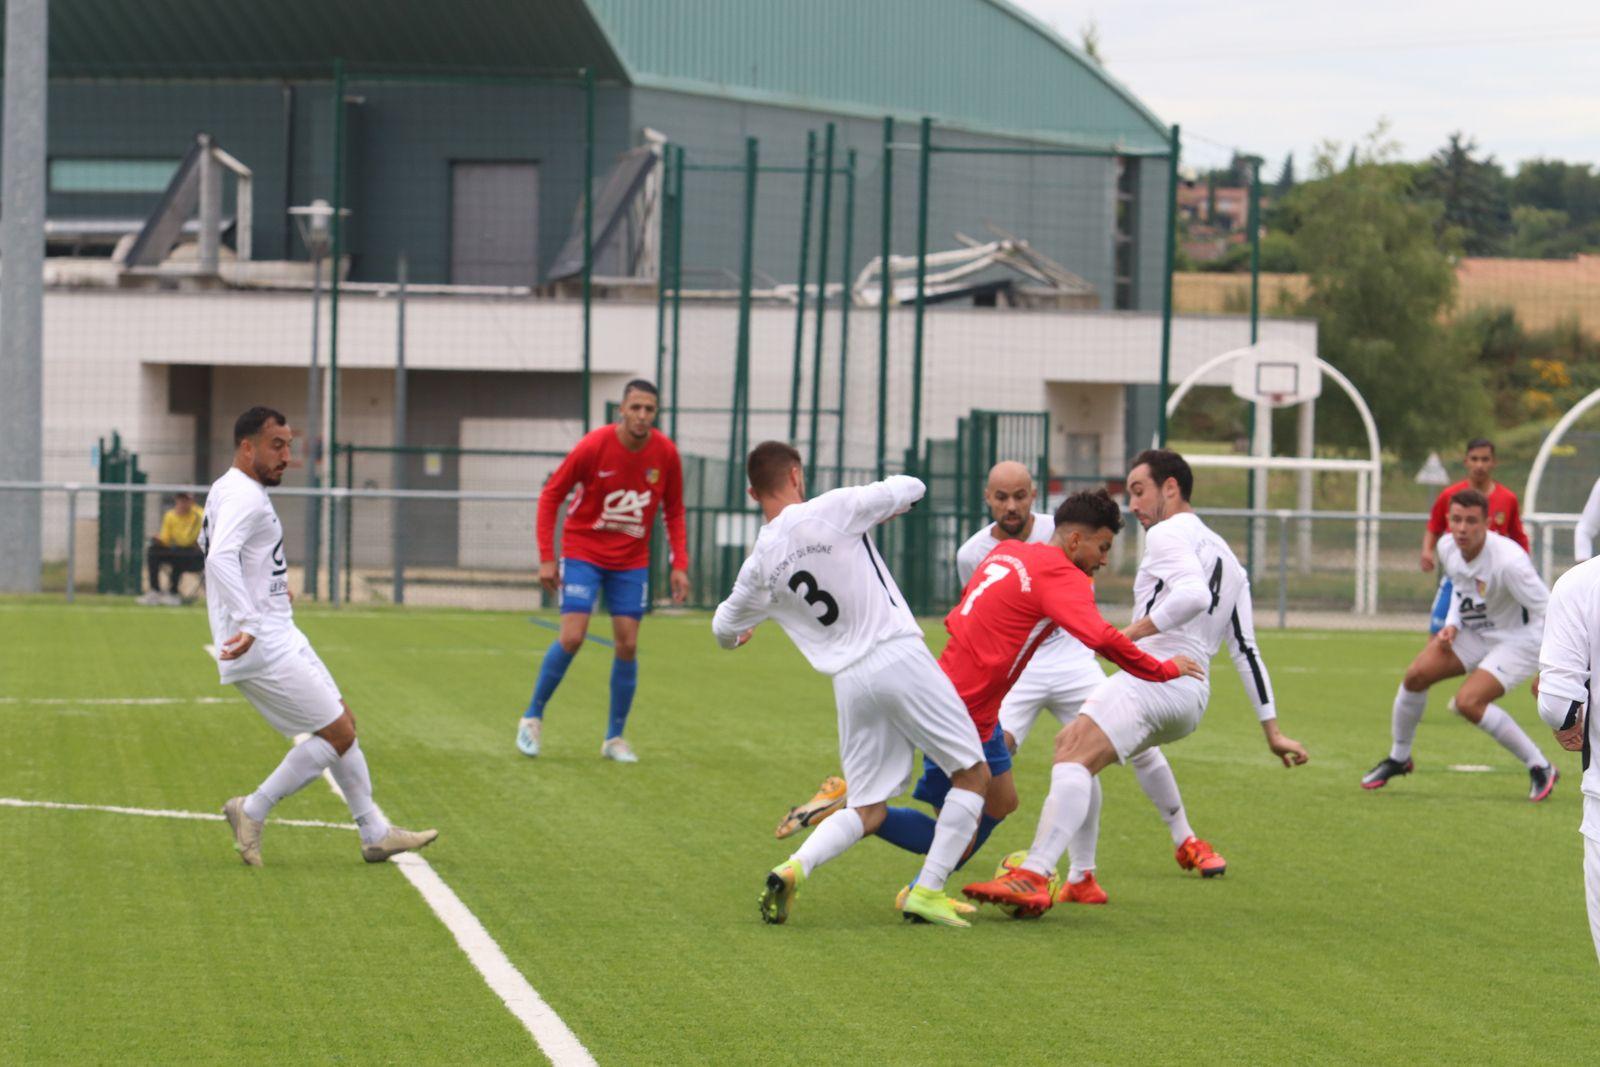 Les seniors de Vénissieux FC se sont qualifiés pour la demi-finale de la Coupe de Lyon et du Rhône